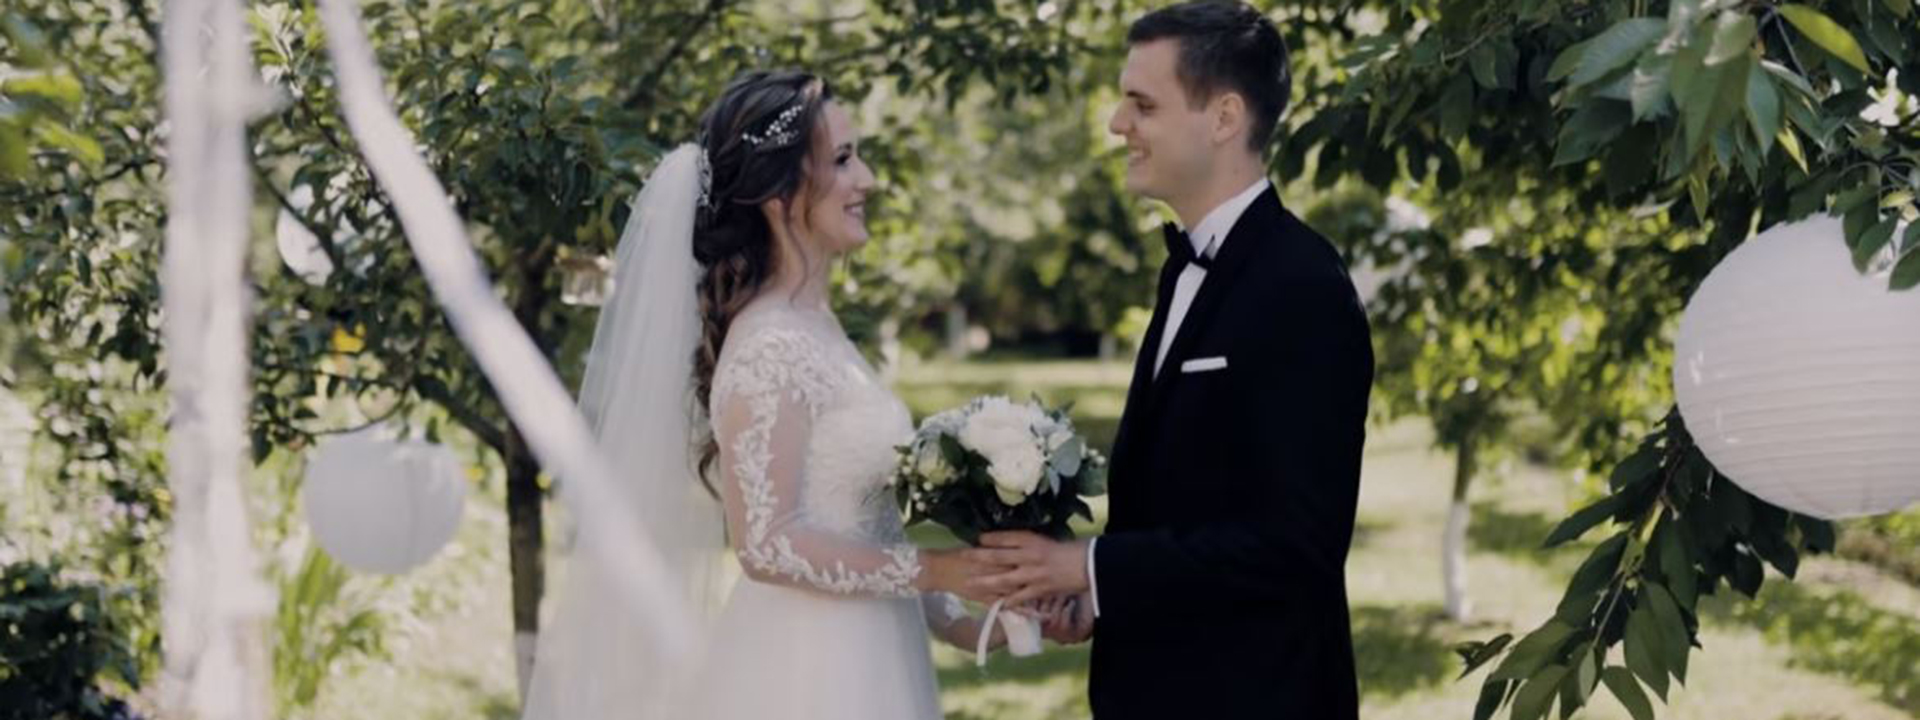 Andreea & Mihai // 18 iulie 2021 // Shine With Me